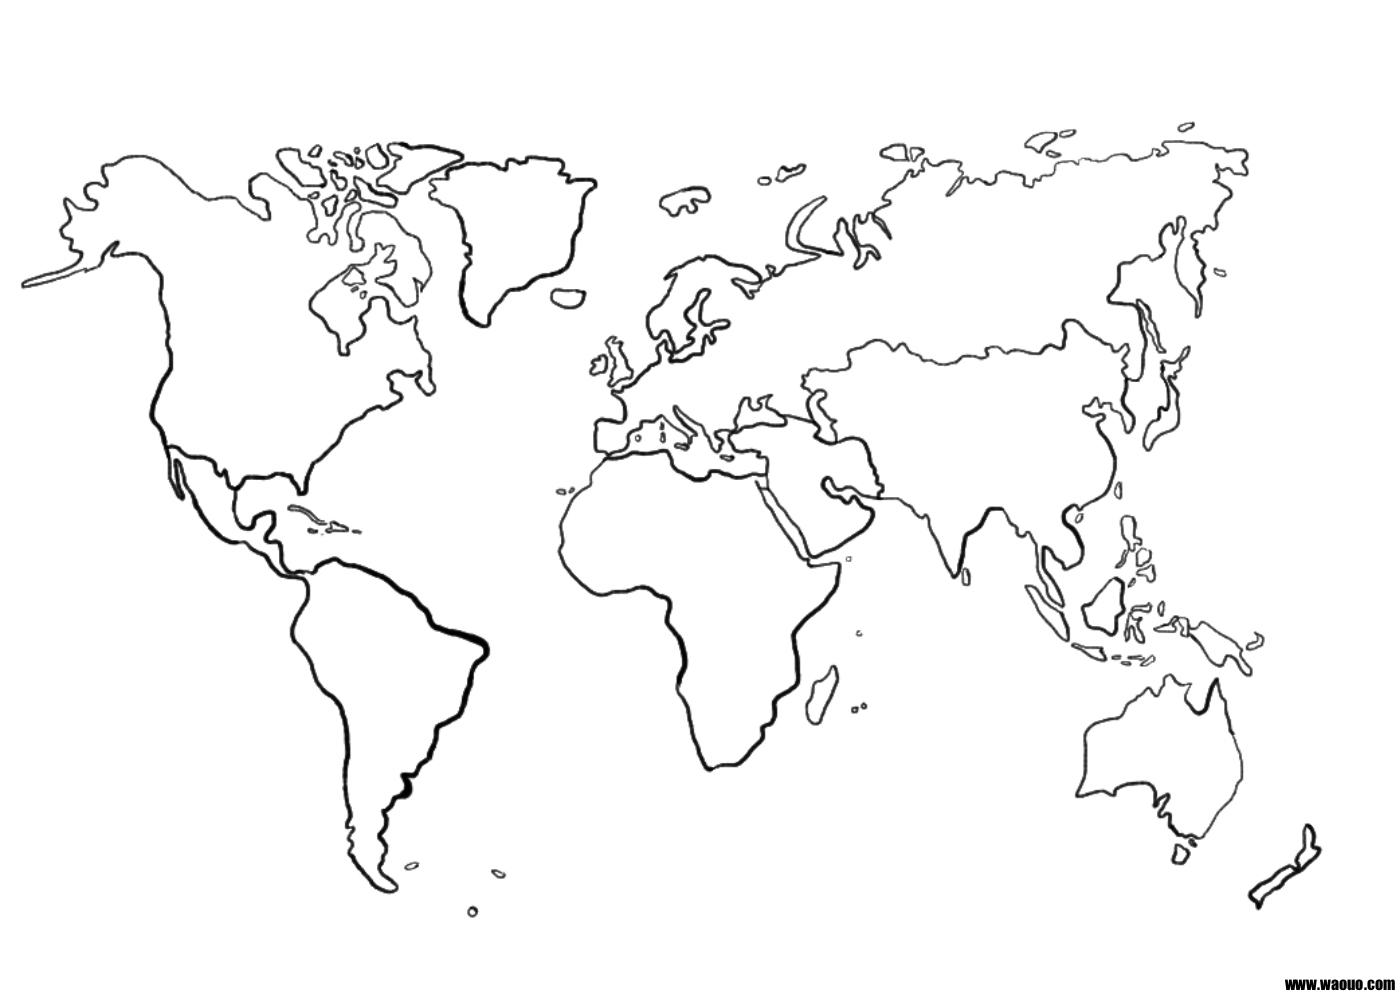 Une Carte Du Monde (Mappemonde) Vierge Pour La Géographie À pour Carte Vierge À Imprimer